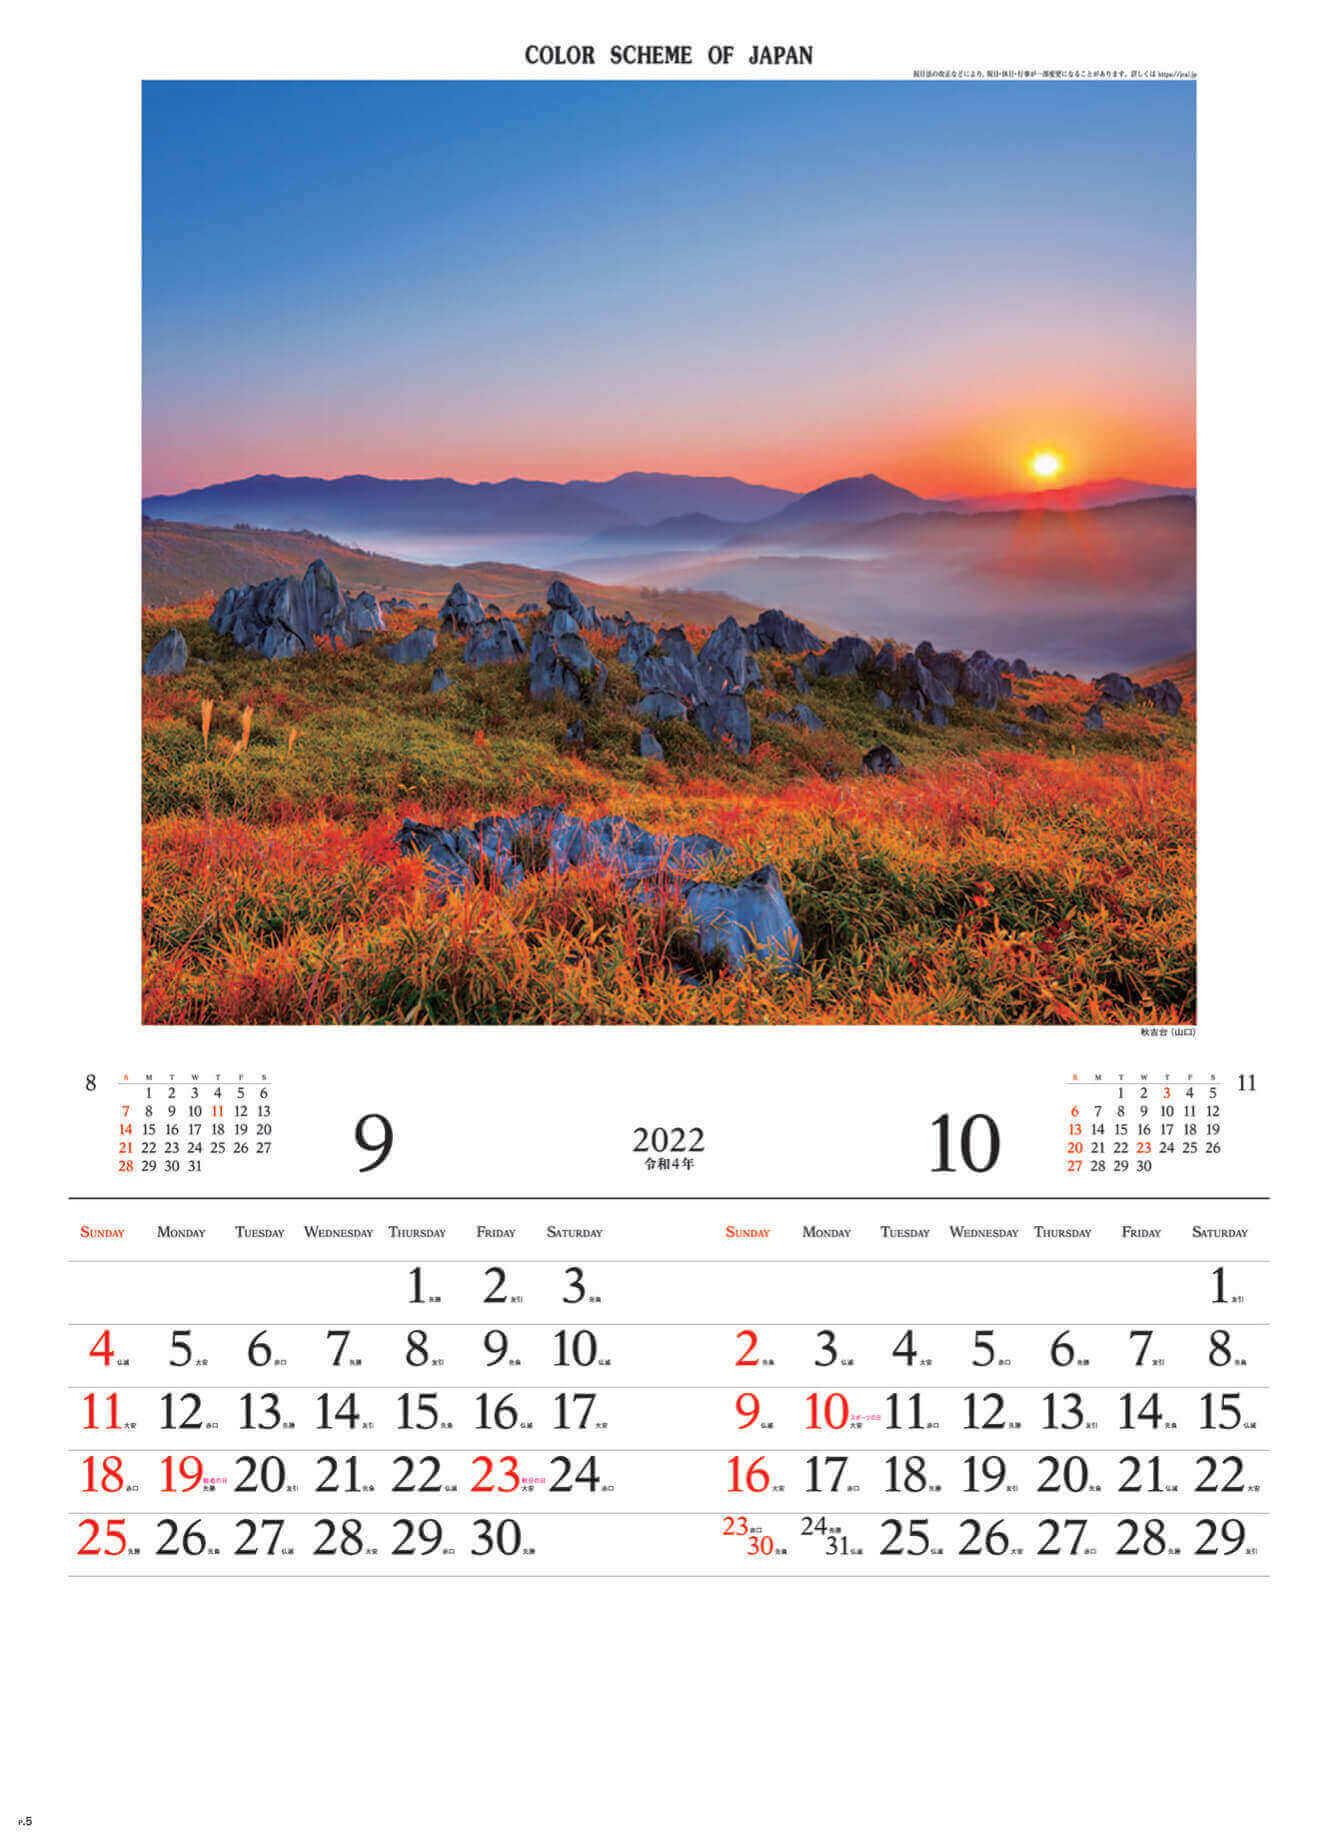 秋吉台(山口) 彩 2022年カレンダーの画像